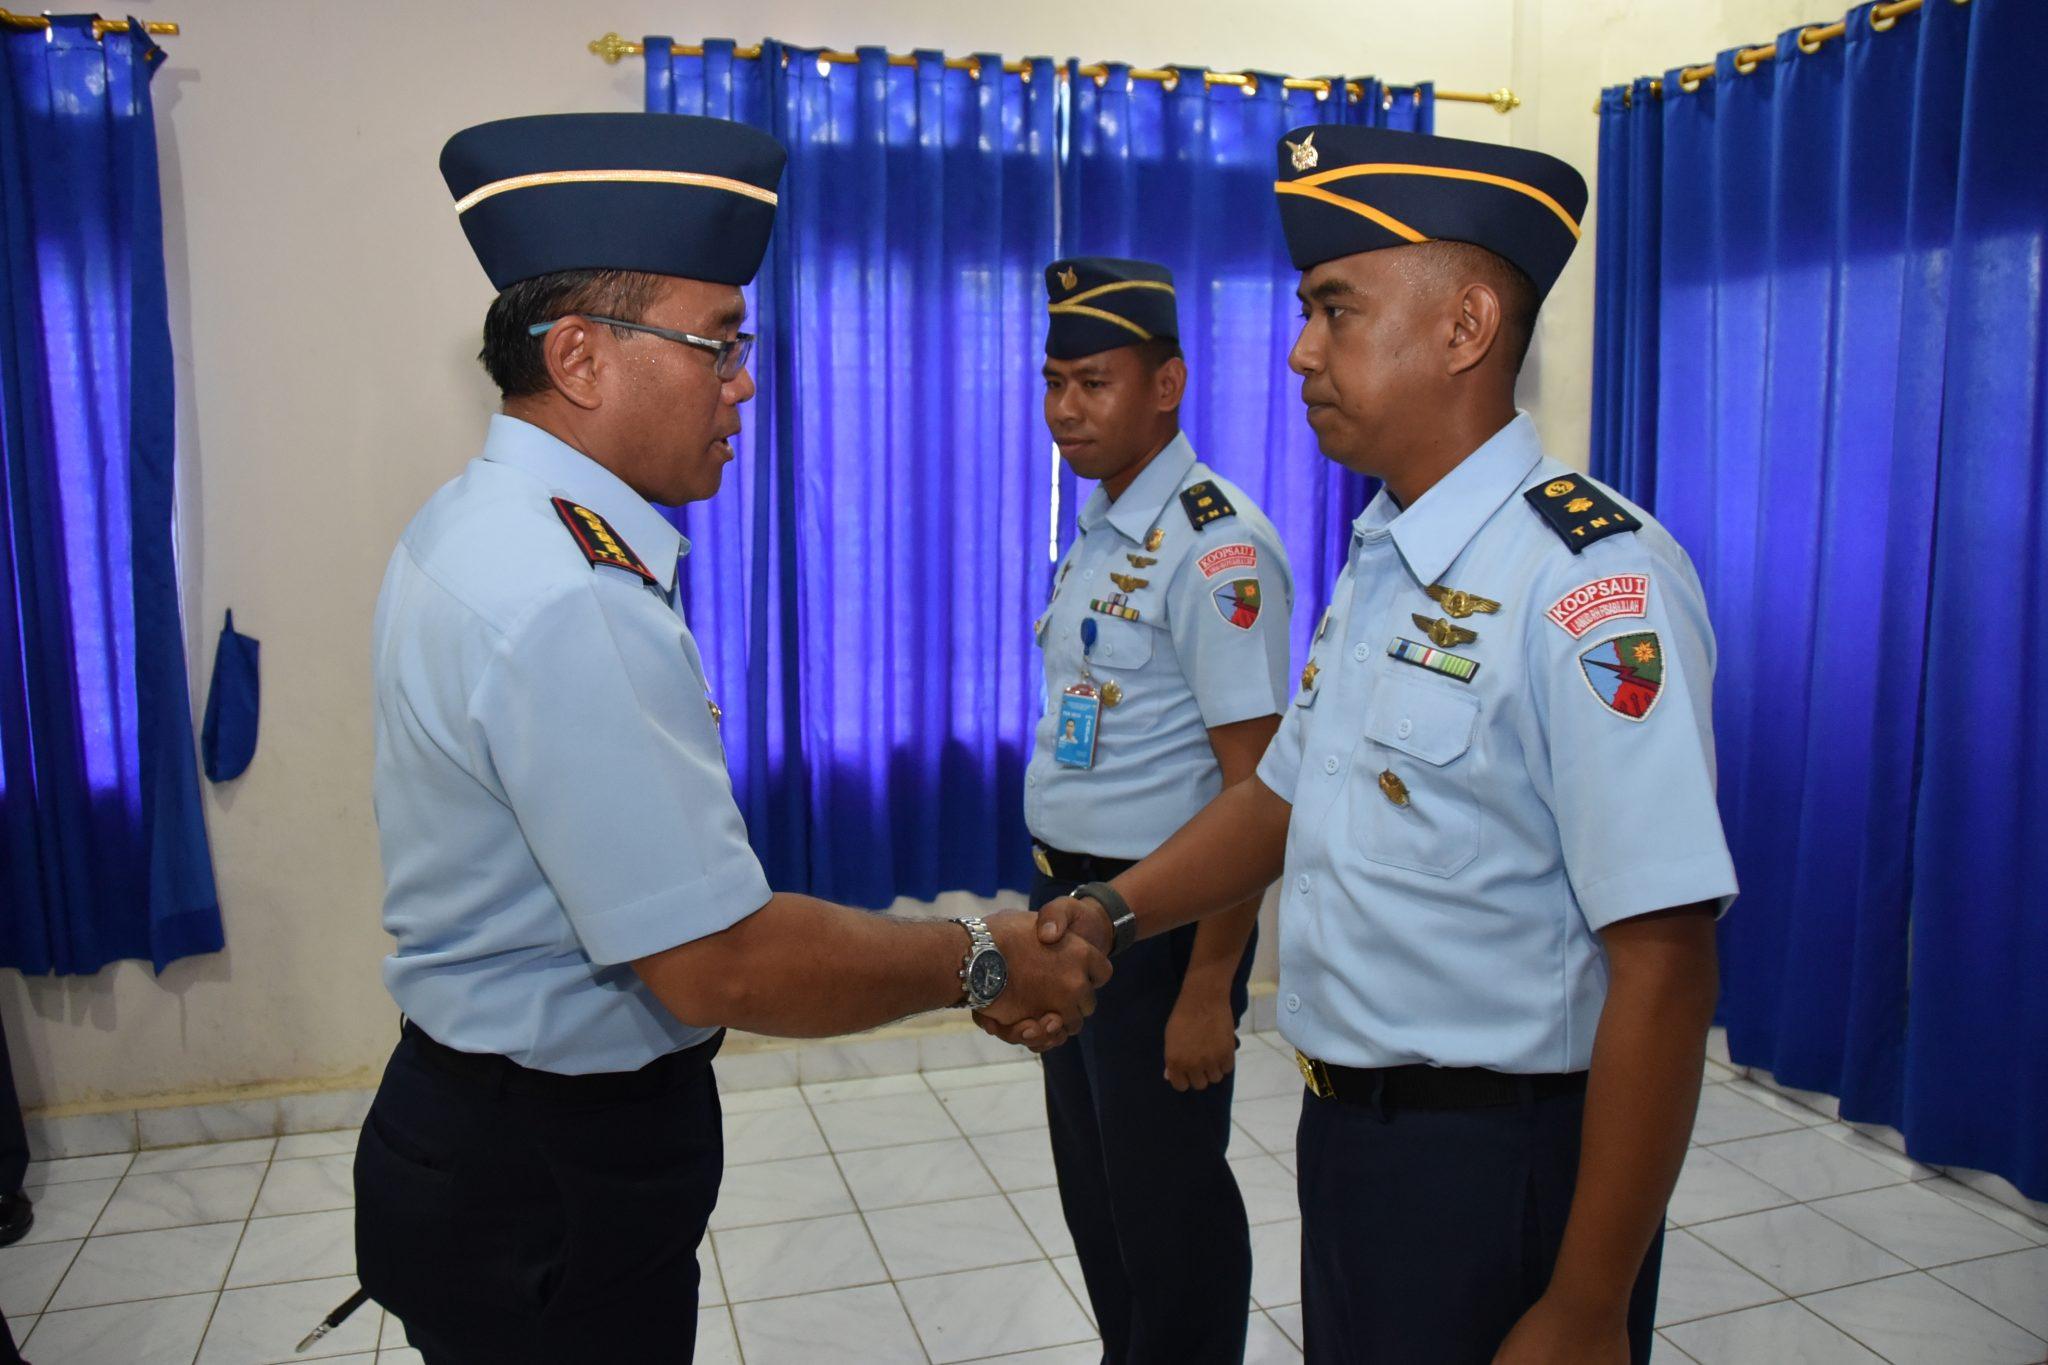 Mayor Lek Wardoyo Kepala Dinas Operasi Lanud Rhf yang baru